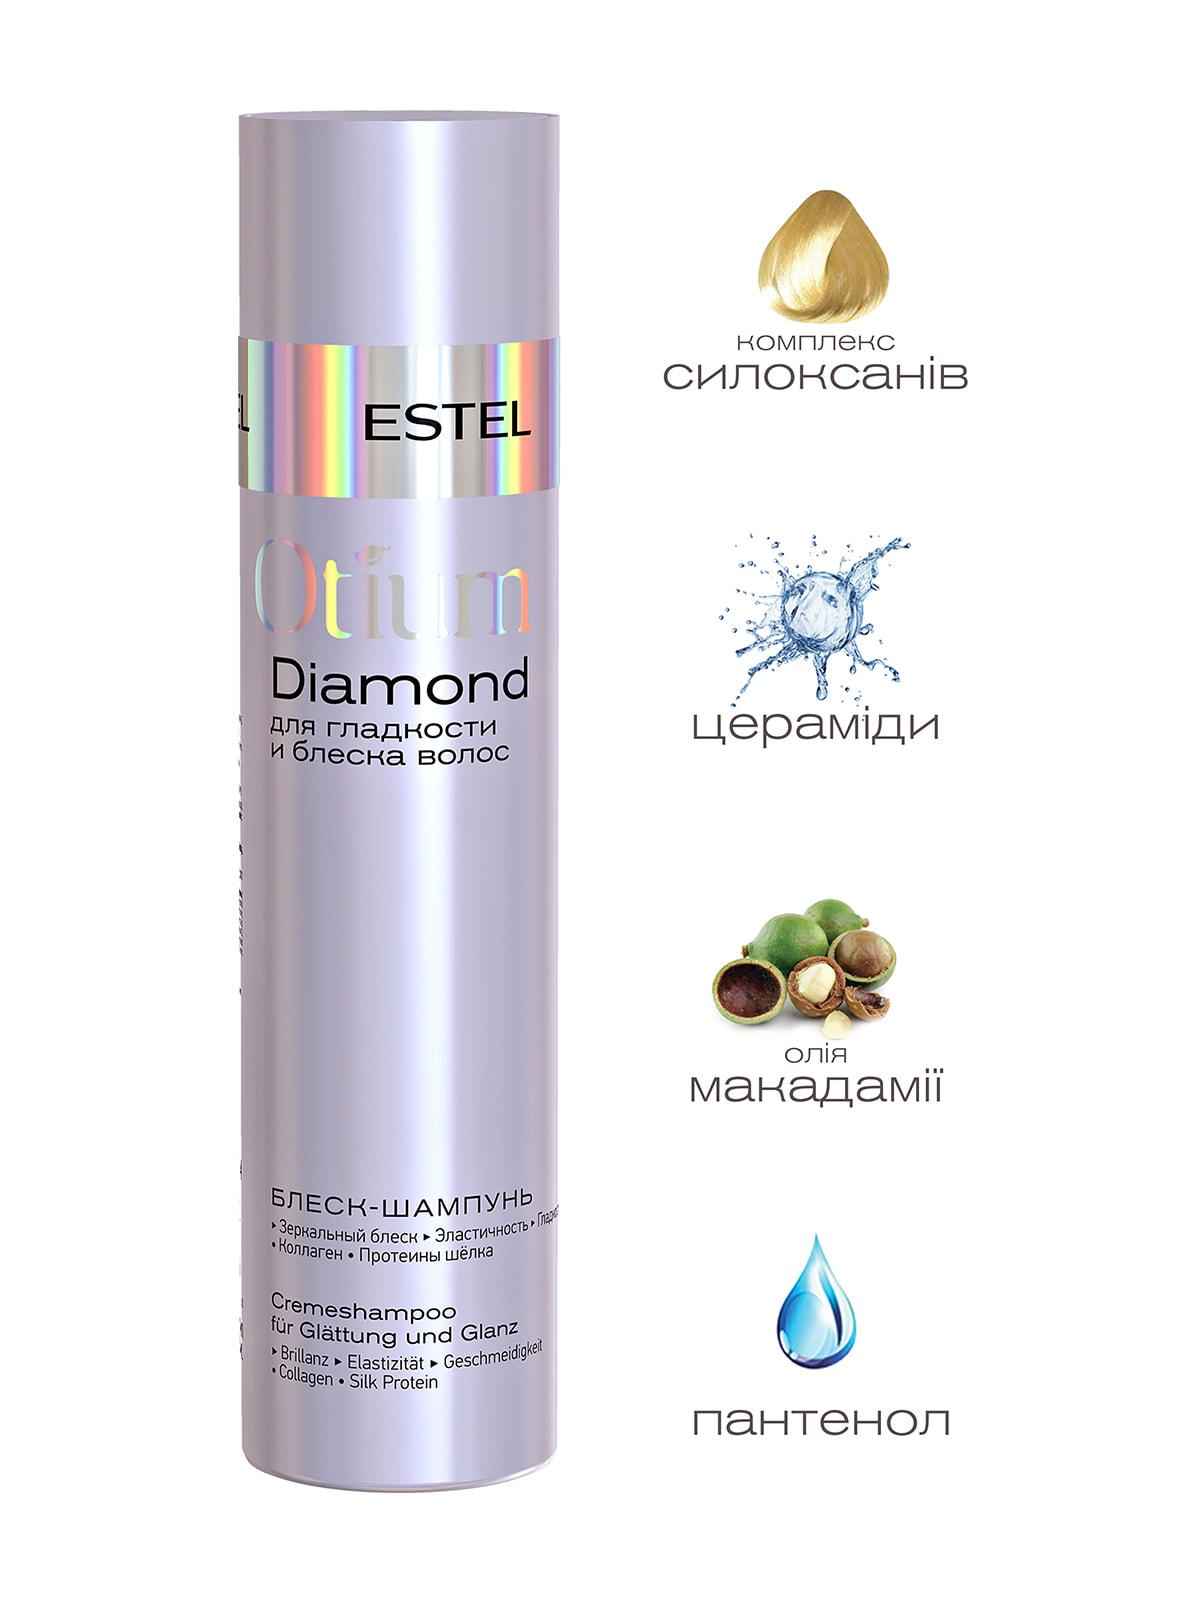 Блеск-шампунь для гладкости и блеска волос (250 мл) | 4693966